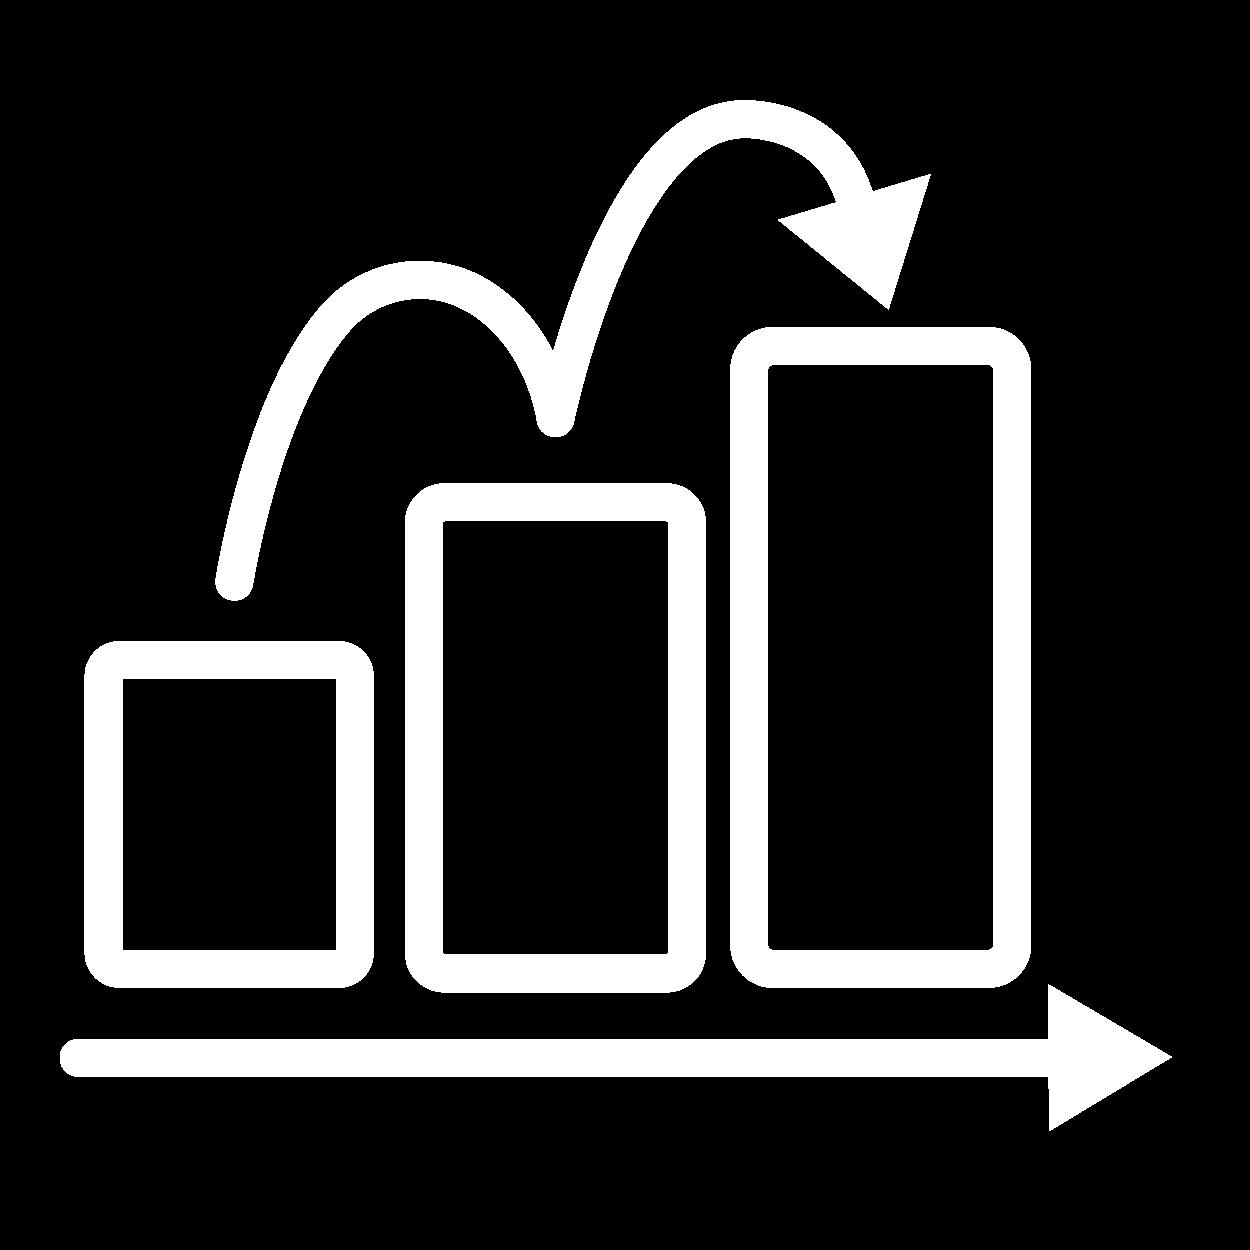 icone aumento de vendas